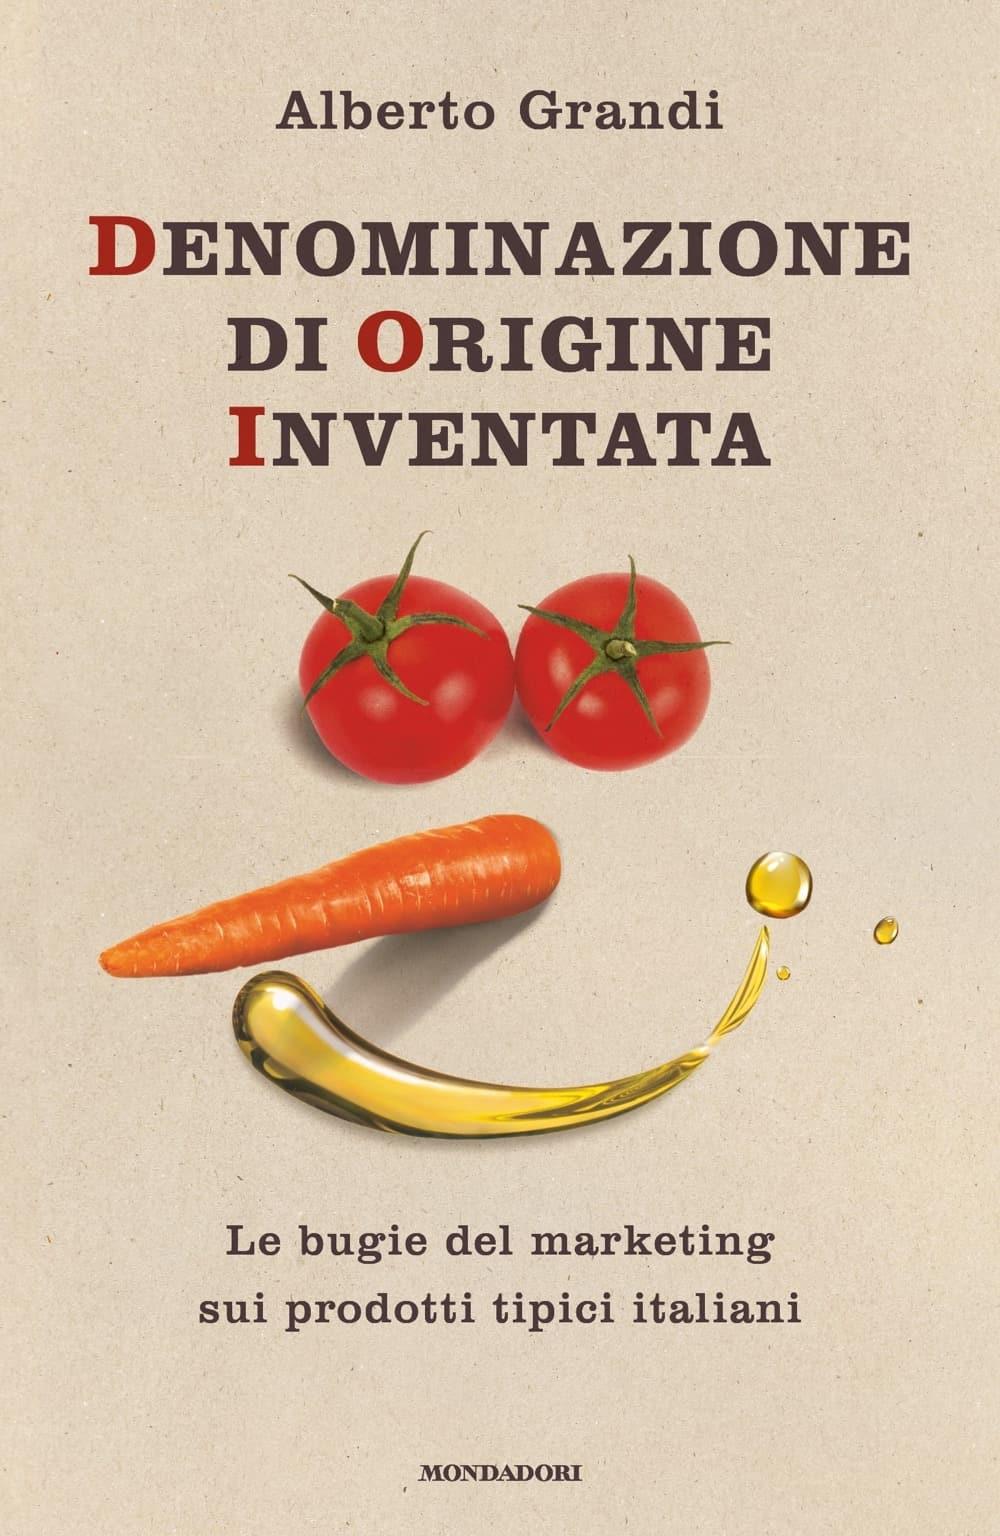 """Presentazione libro """"Denominazione di Origine Inventata"""" di Alberto Grandi"""